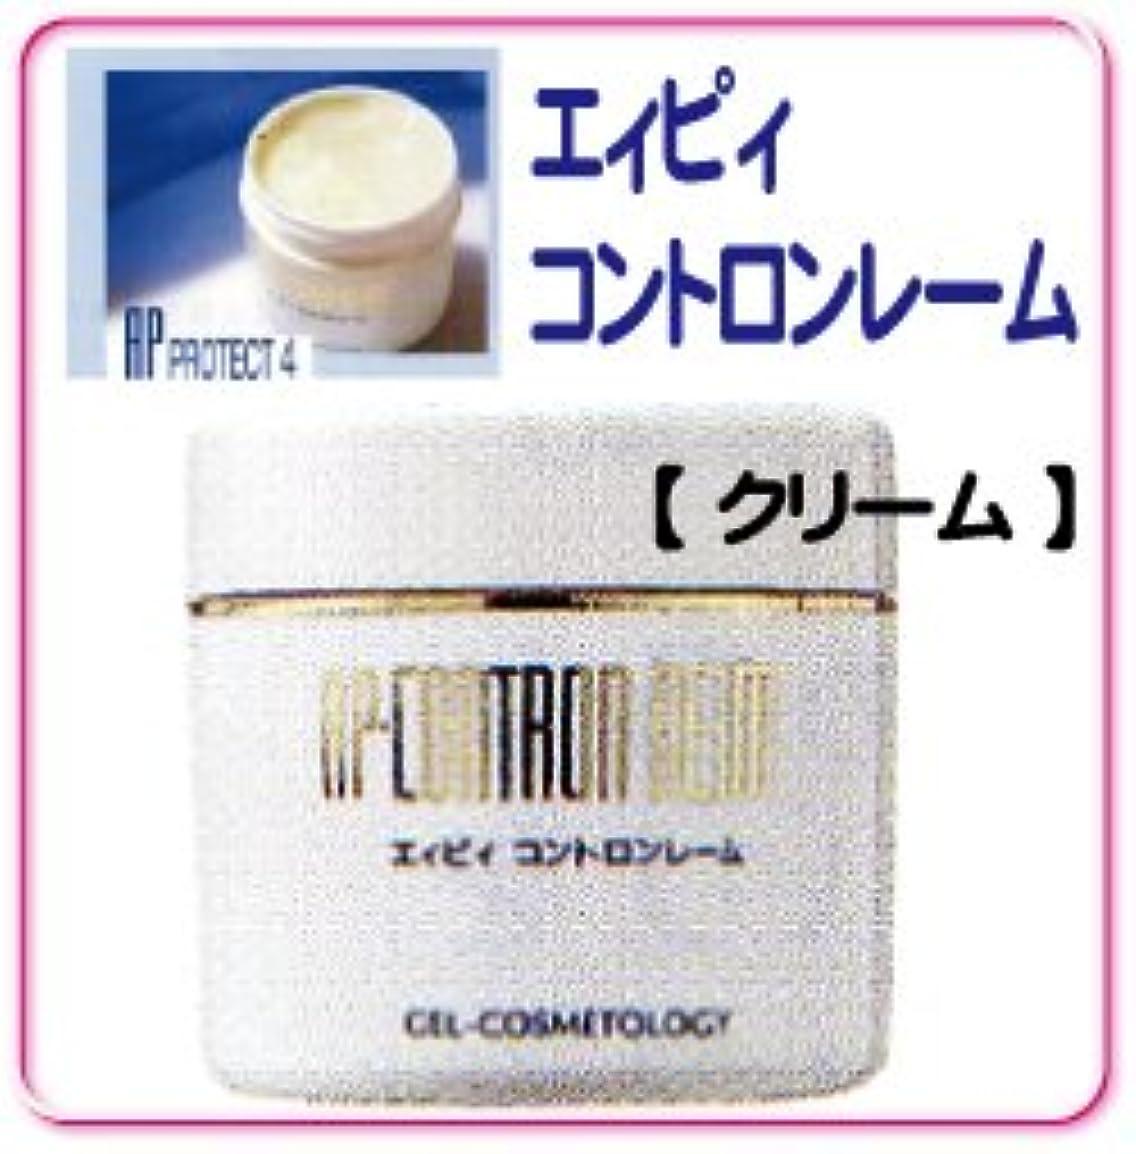 クレデンシャル死んでいる実現可能ベルマン化粧品 APprotectシリーズ  コントロンレーム  敏感肌用クリーム 110g